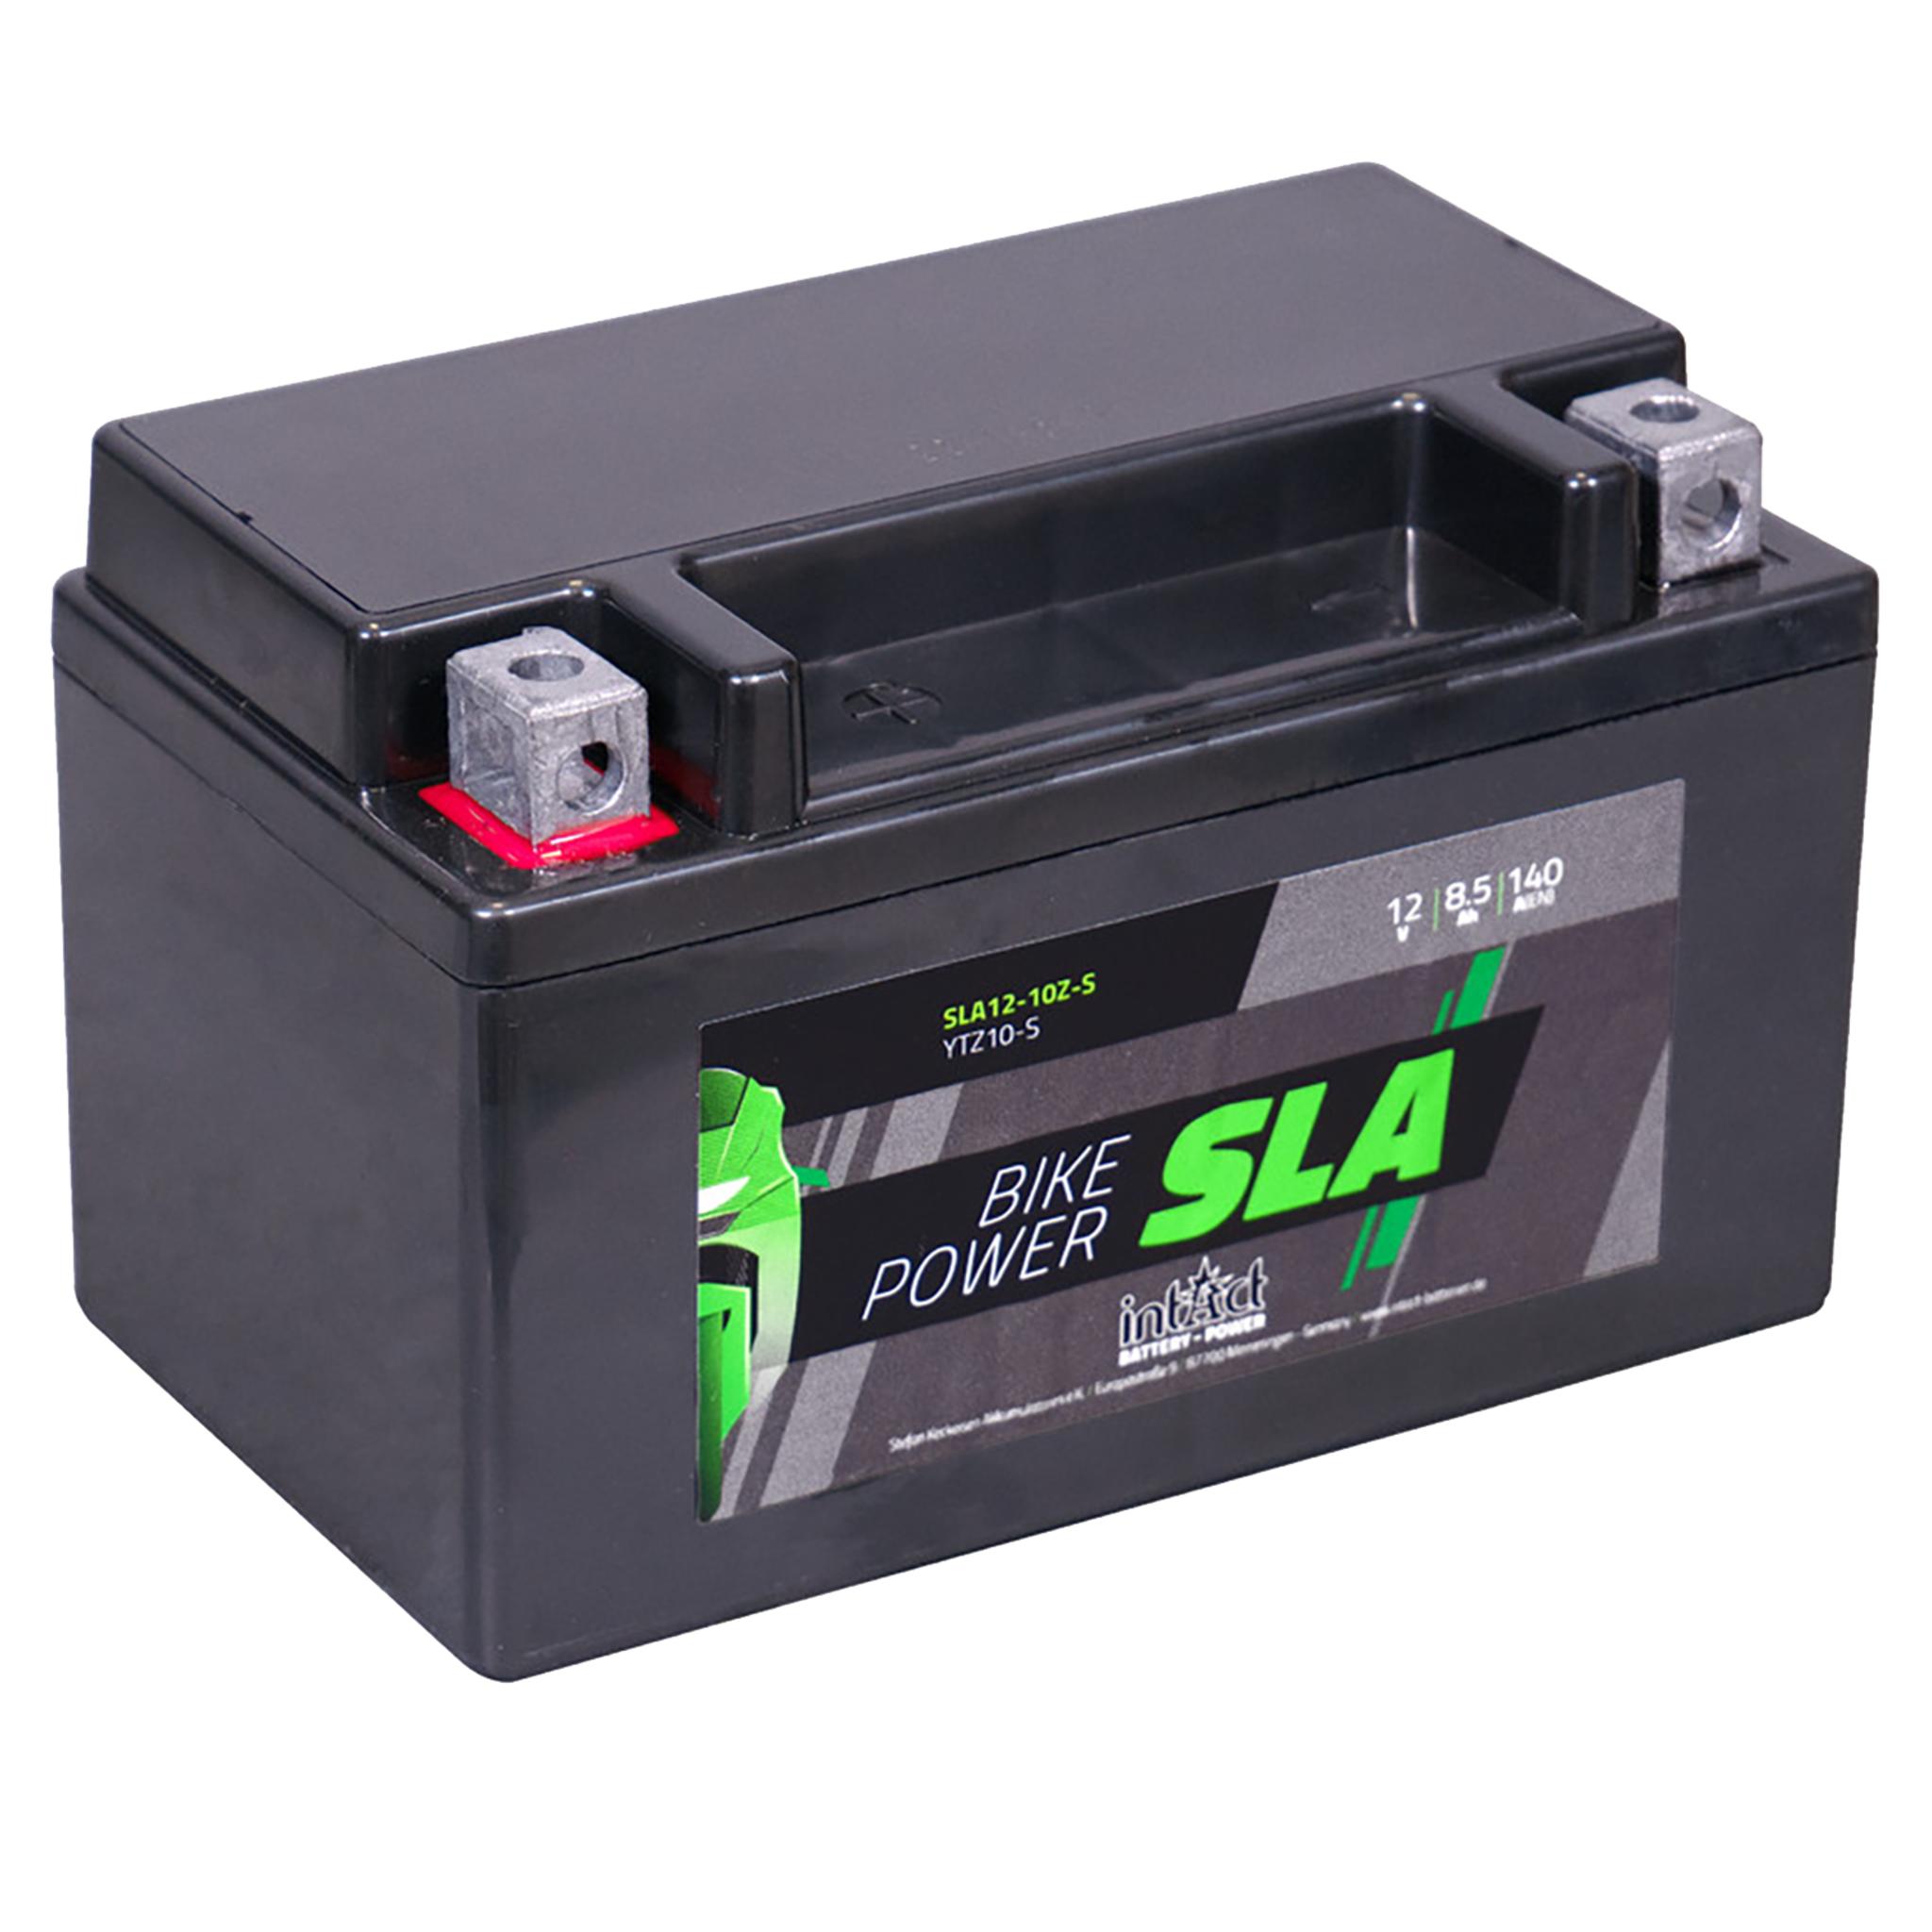 Аккумулятор intAct IS YTZ10-S, 12V, SLA